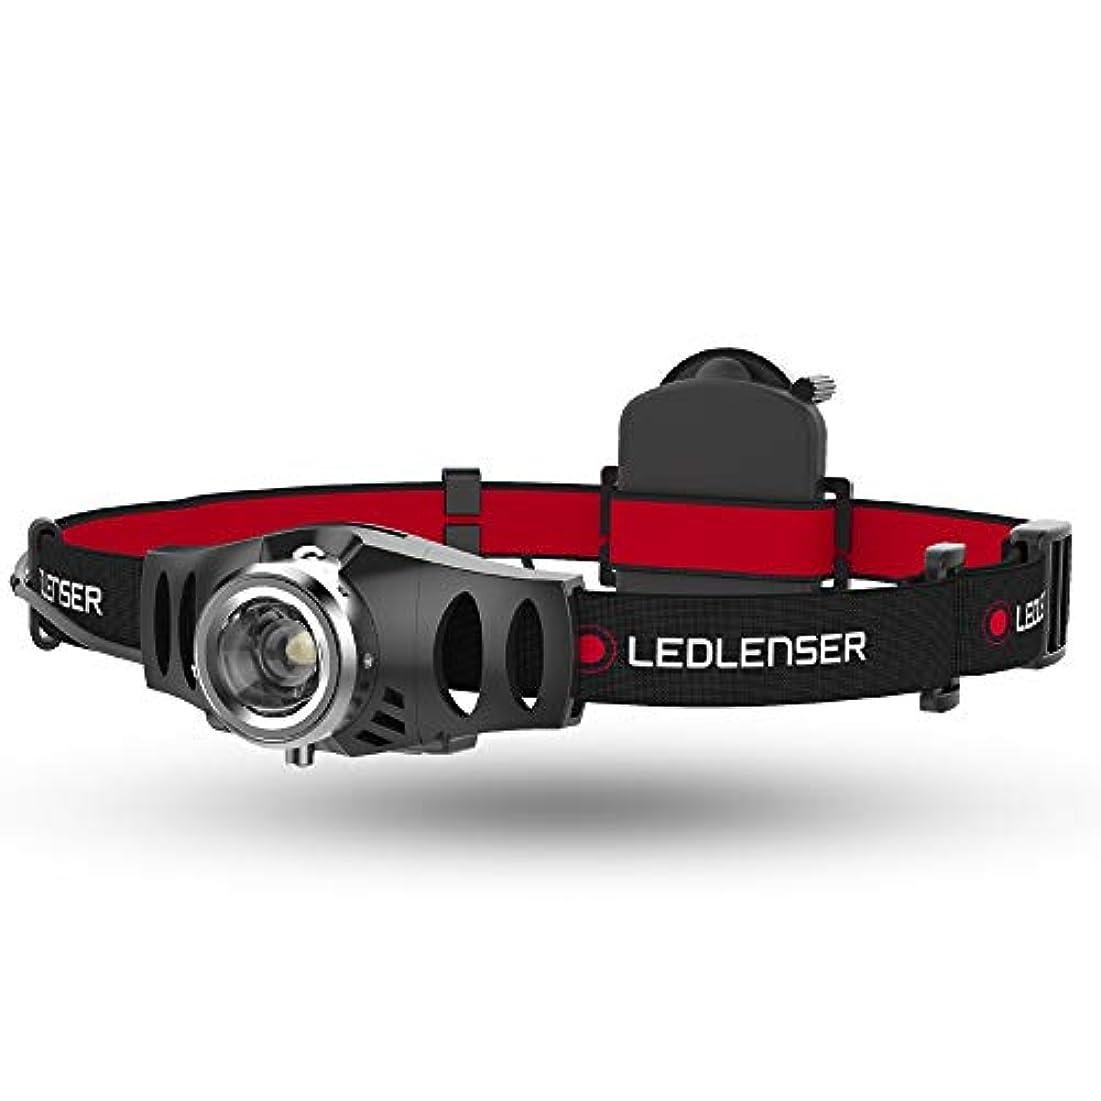 クロス座標ペーストLedlenser(レッドレンザー) LEDヘッドライト H3.2 防災/作業用 【明るさ約120ルーメン】 【最長7年保証】 単4乾電池(AAA) x3本 [日本正規品] 500767